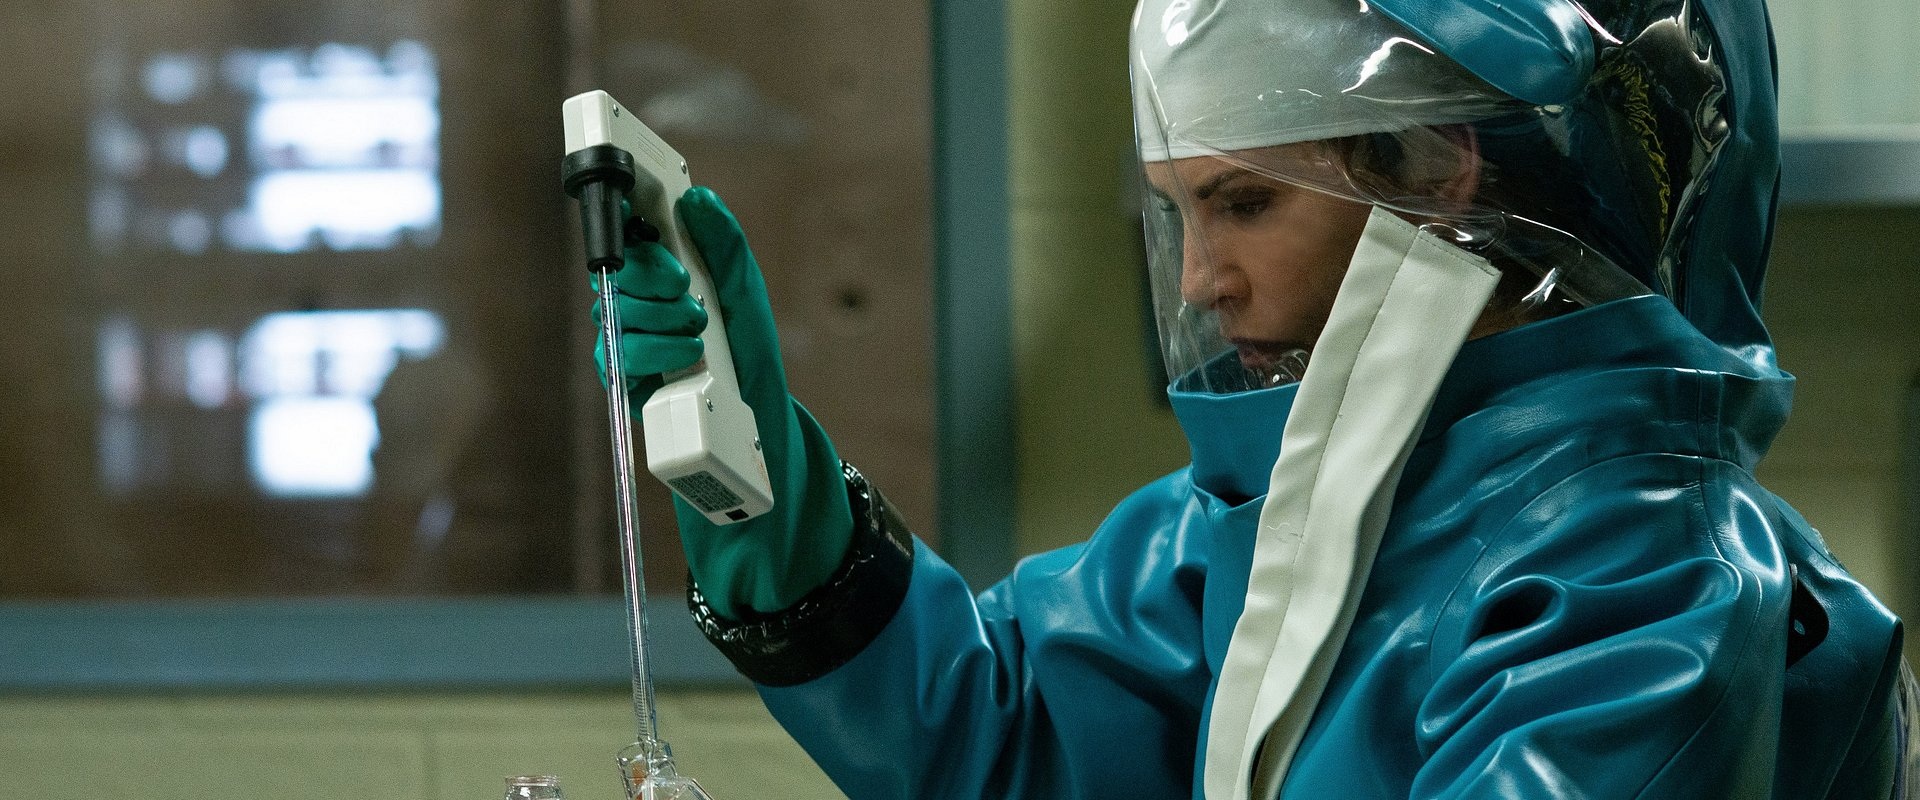 """National Geographic z nowym serialem fabularnym o zdławieniu wirusa ebola w USA. Czy historia pokazana w """"Strefie skażenia"""" zakończyłaby się happy endem także w Polsce?"""